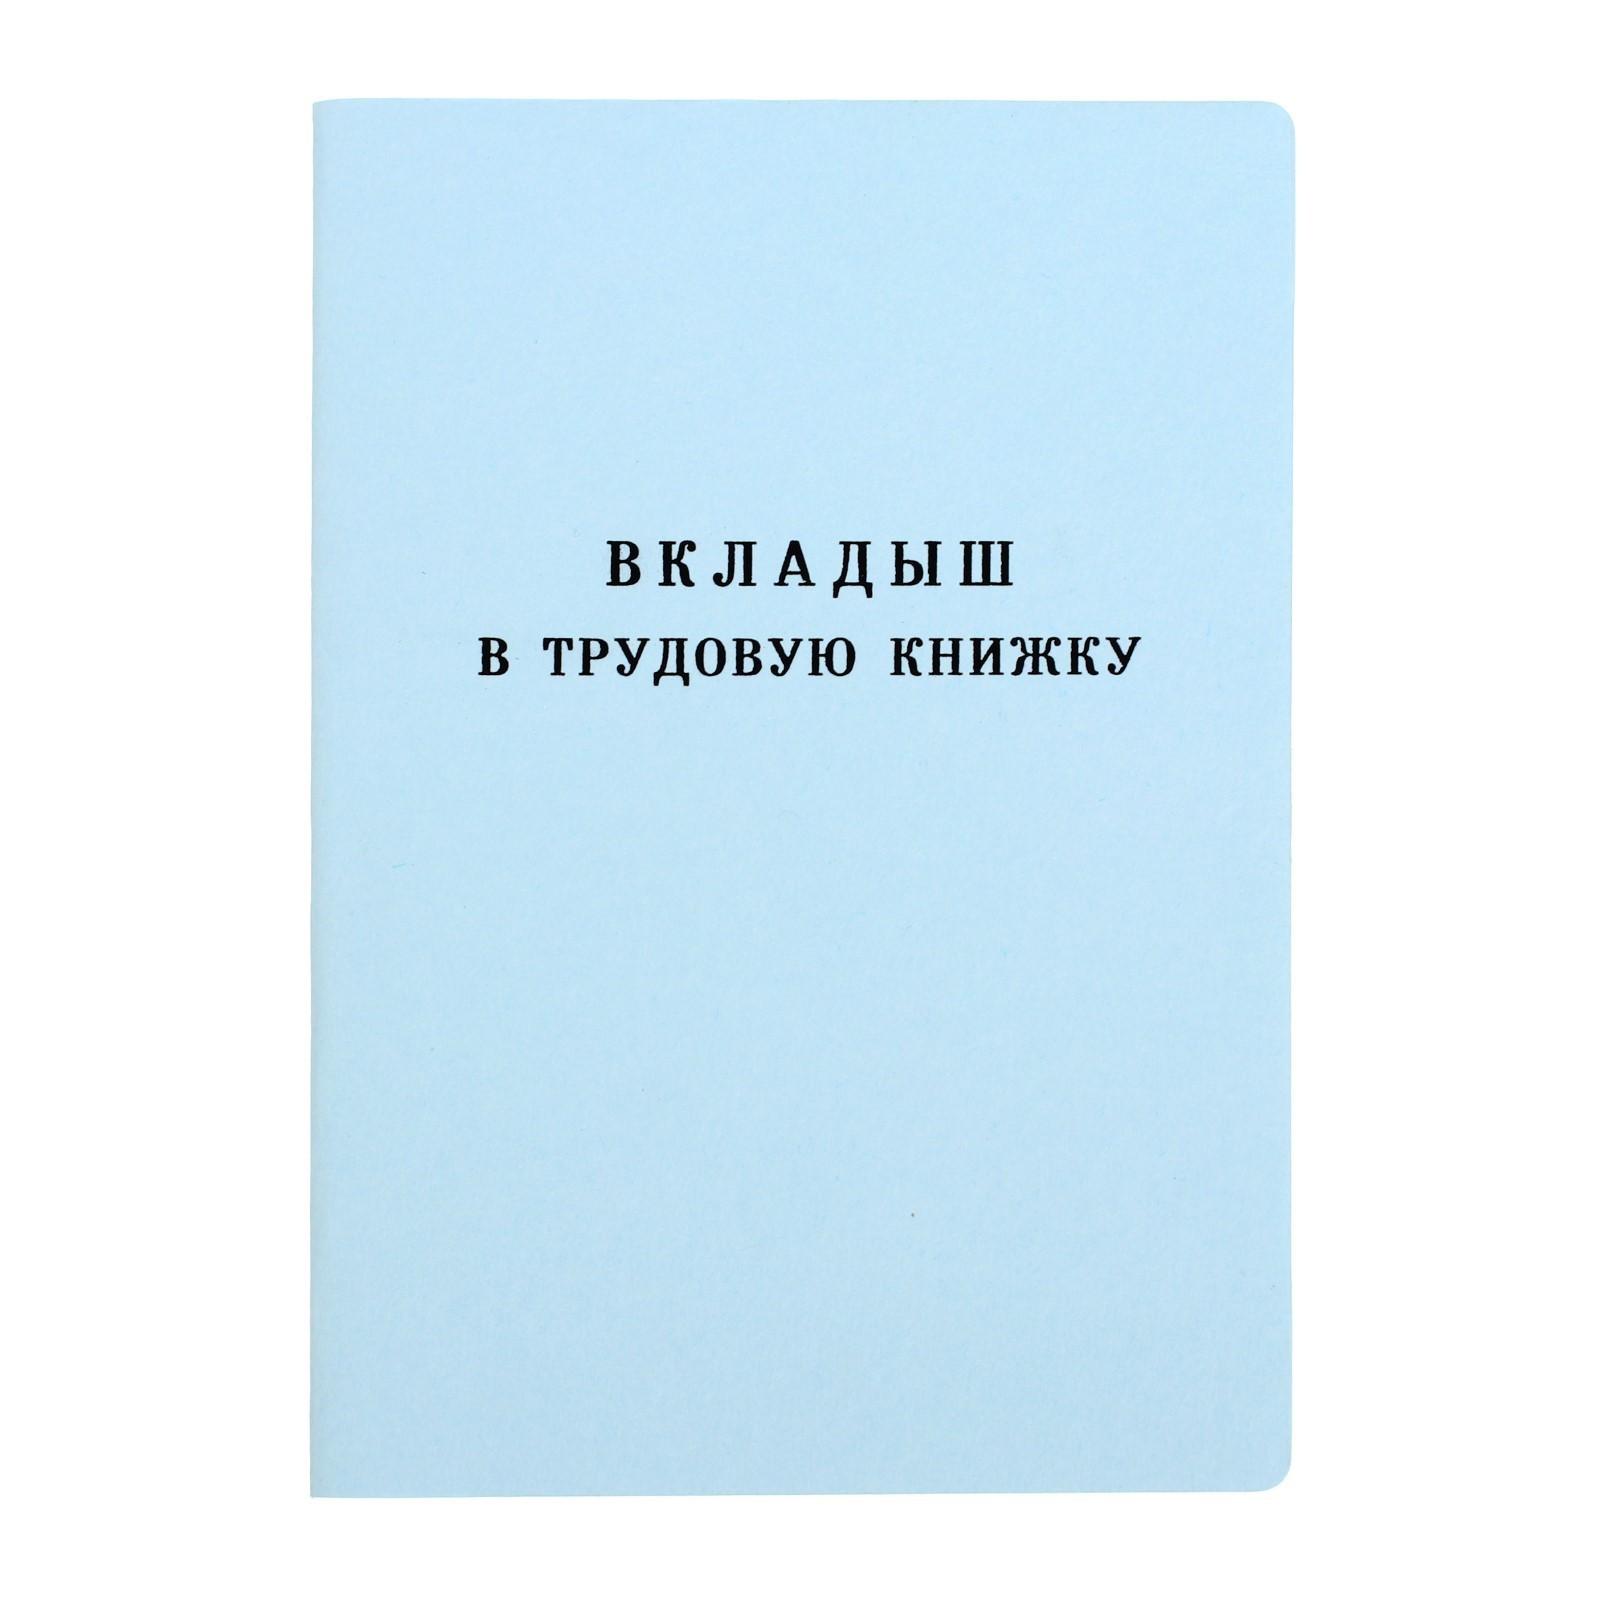 Где можно в москве купить вкладыш в трудовую книжку трудовой договор для фмс в москве Энергетическая улица